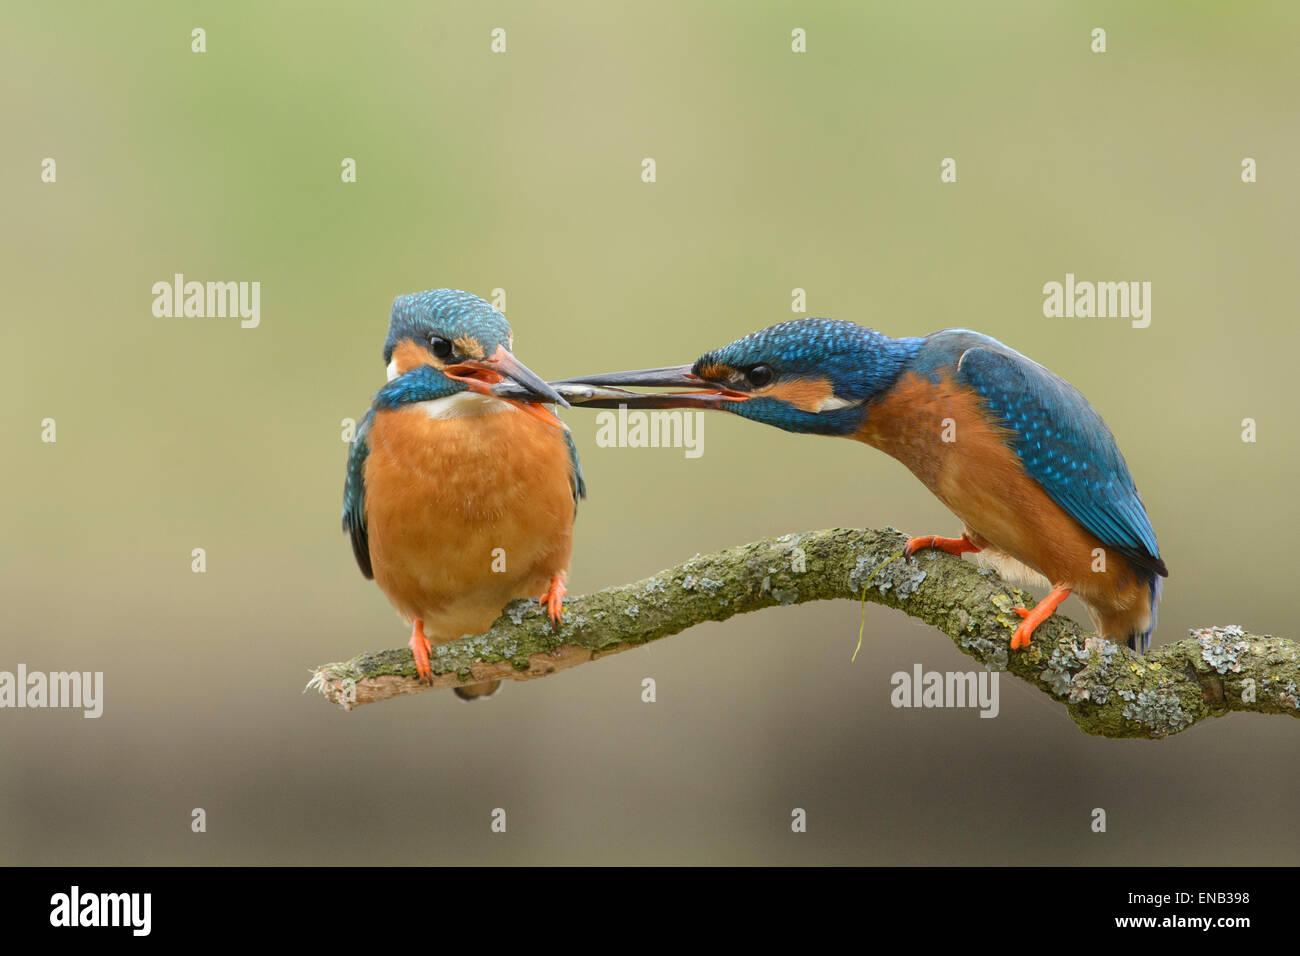 El comportamiento de cortejo de una pareja de martines pescadores. El macho ofrece un pez a su mujer. Imagen De Stock